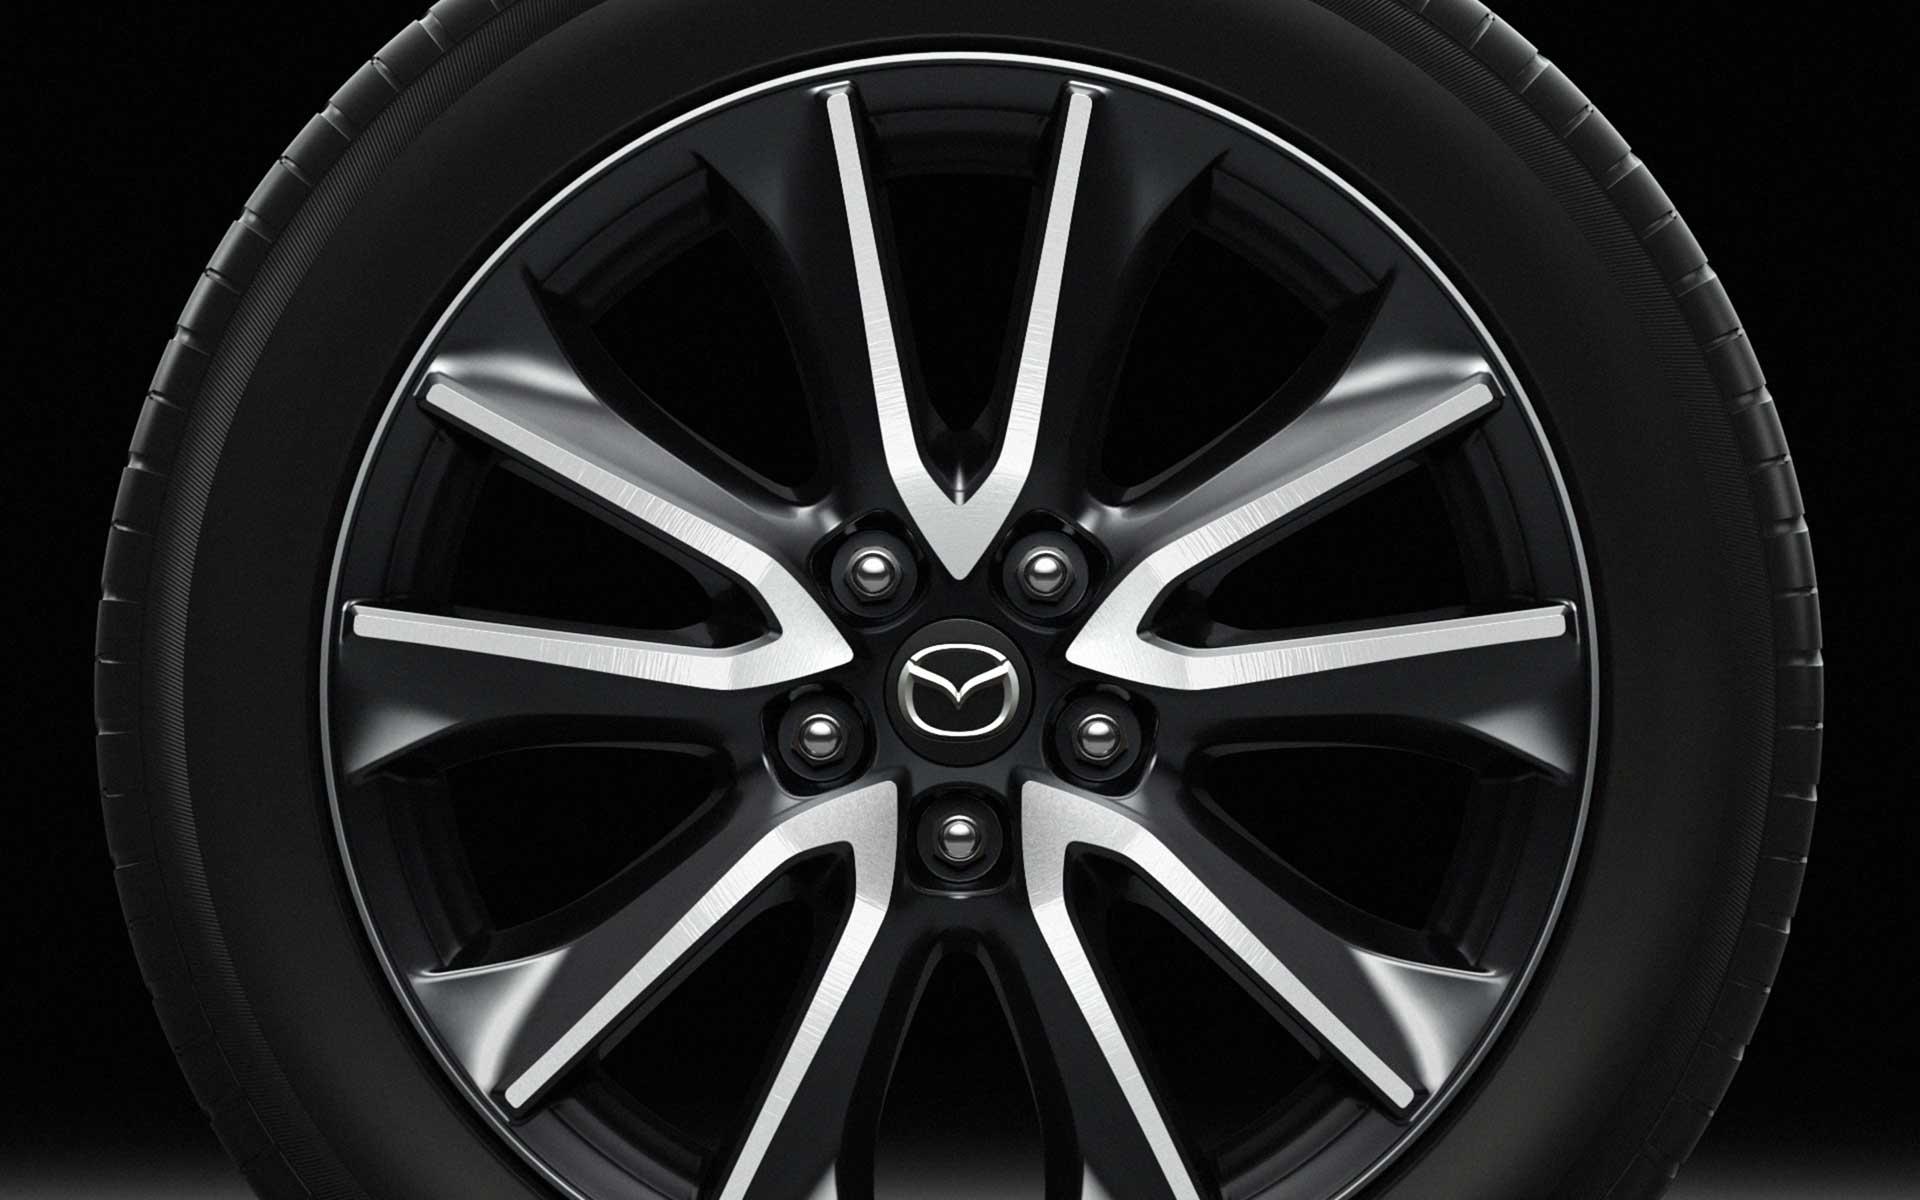 Ruedas de aleación del Mazda CX-3 2017